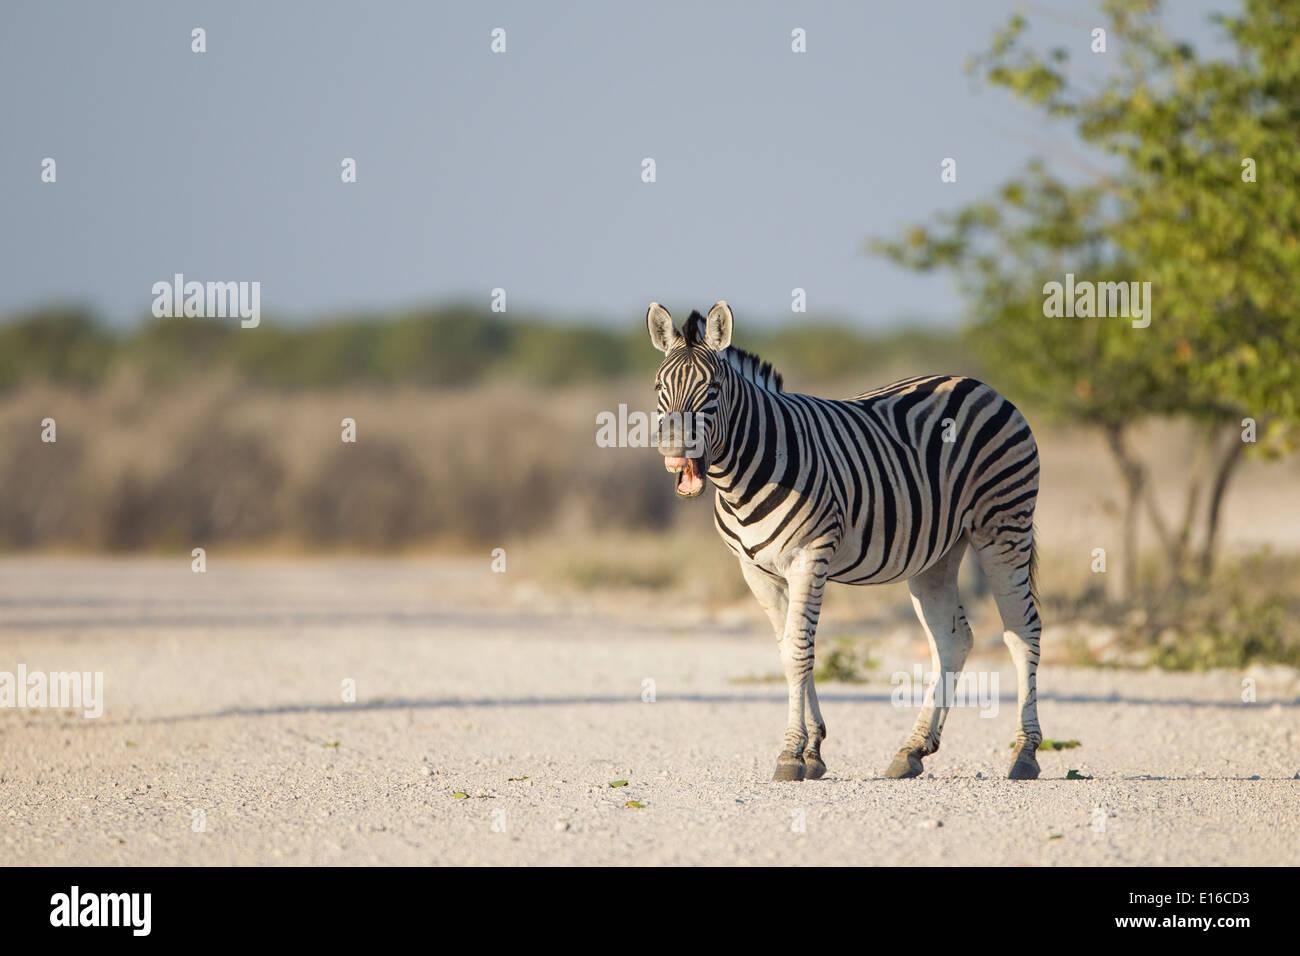 Zebra in Africa Immagini Stock